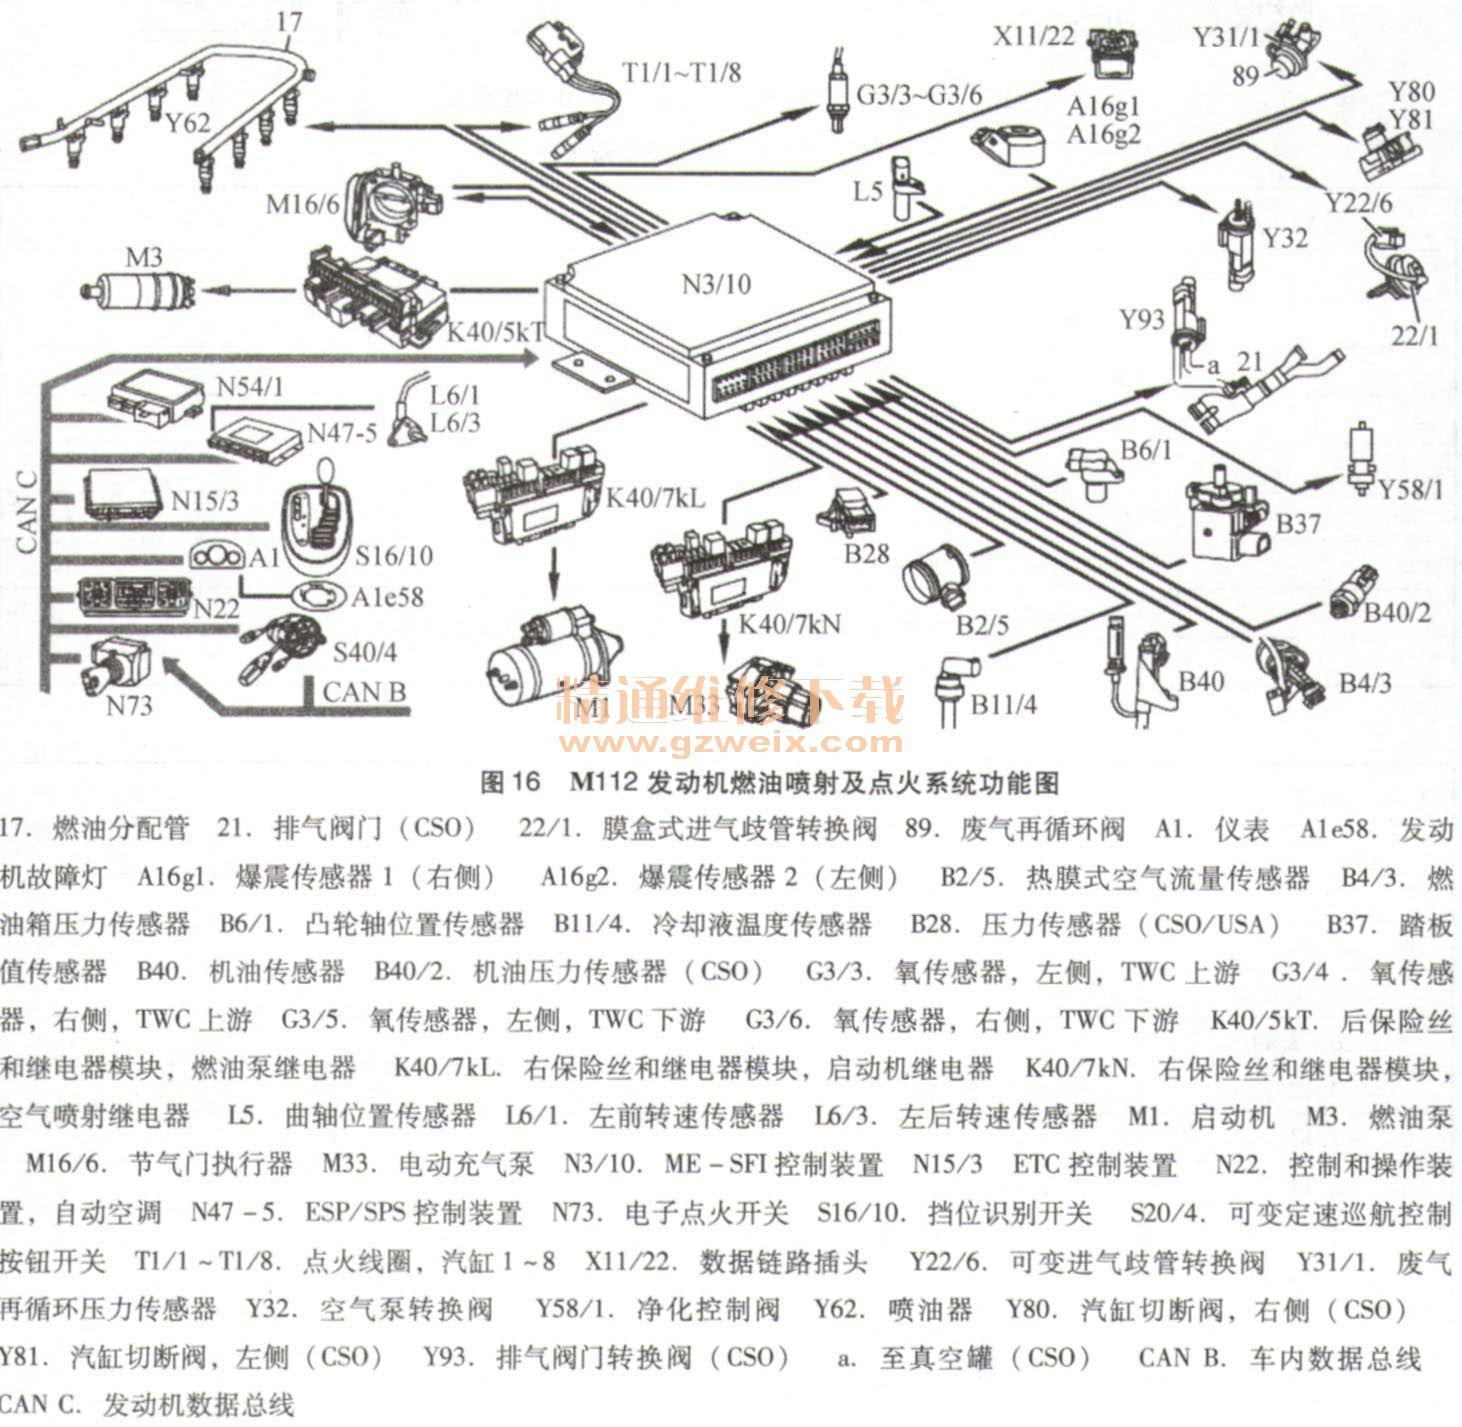 剖析奔驰车系M1 12发动机技术高清图片